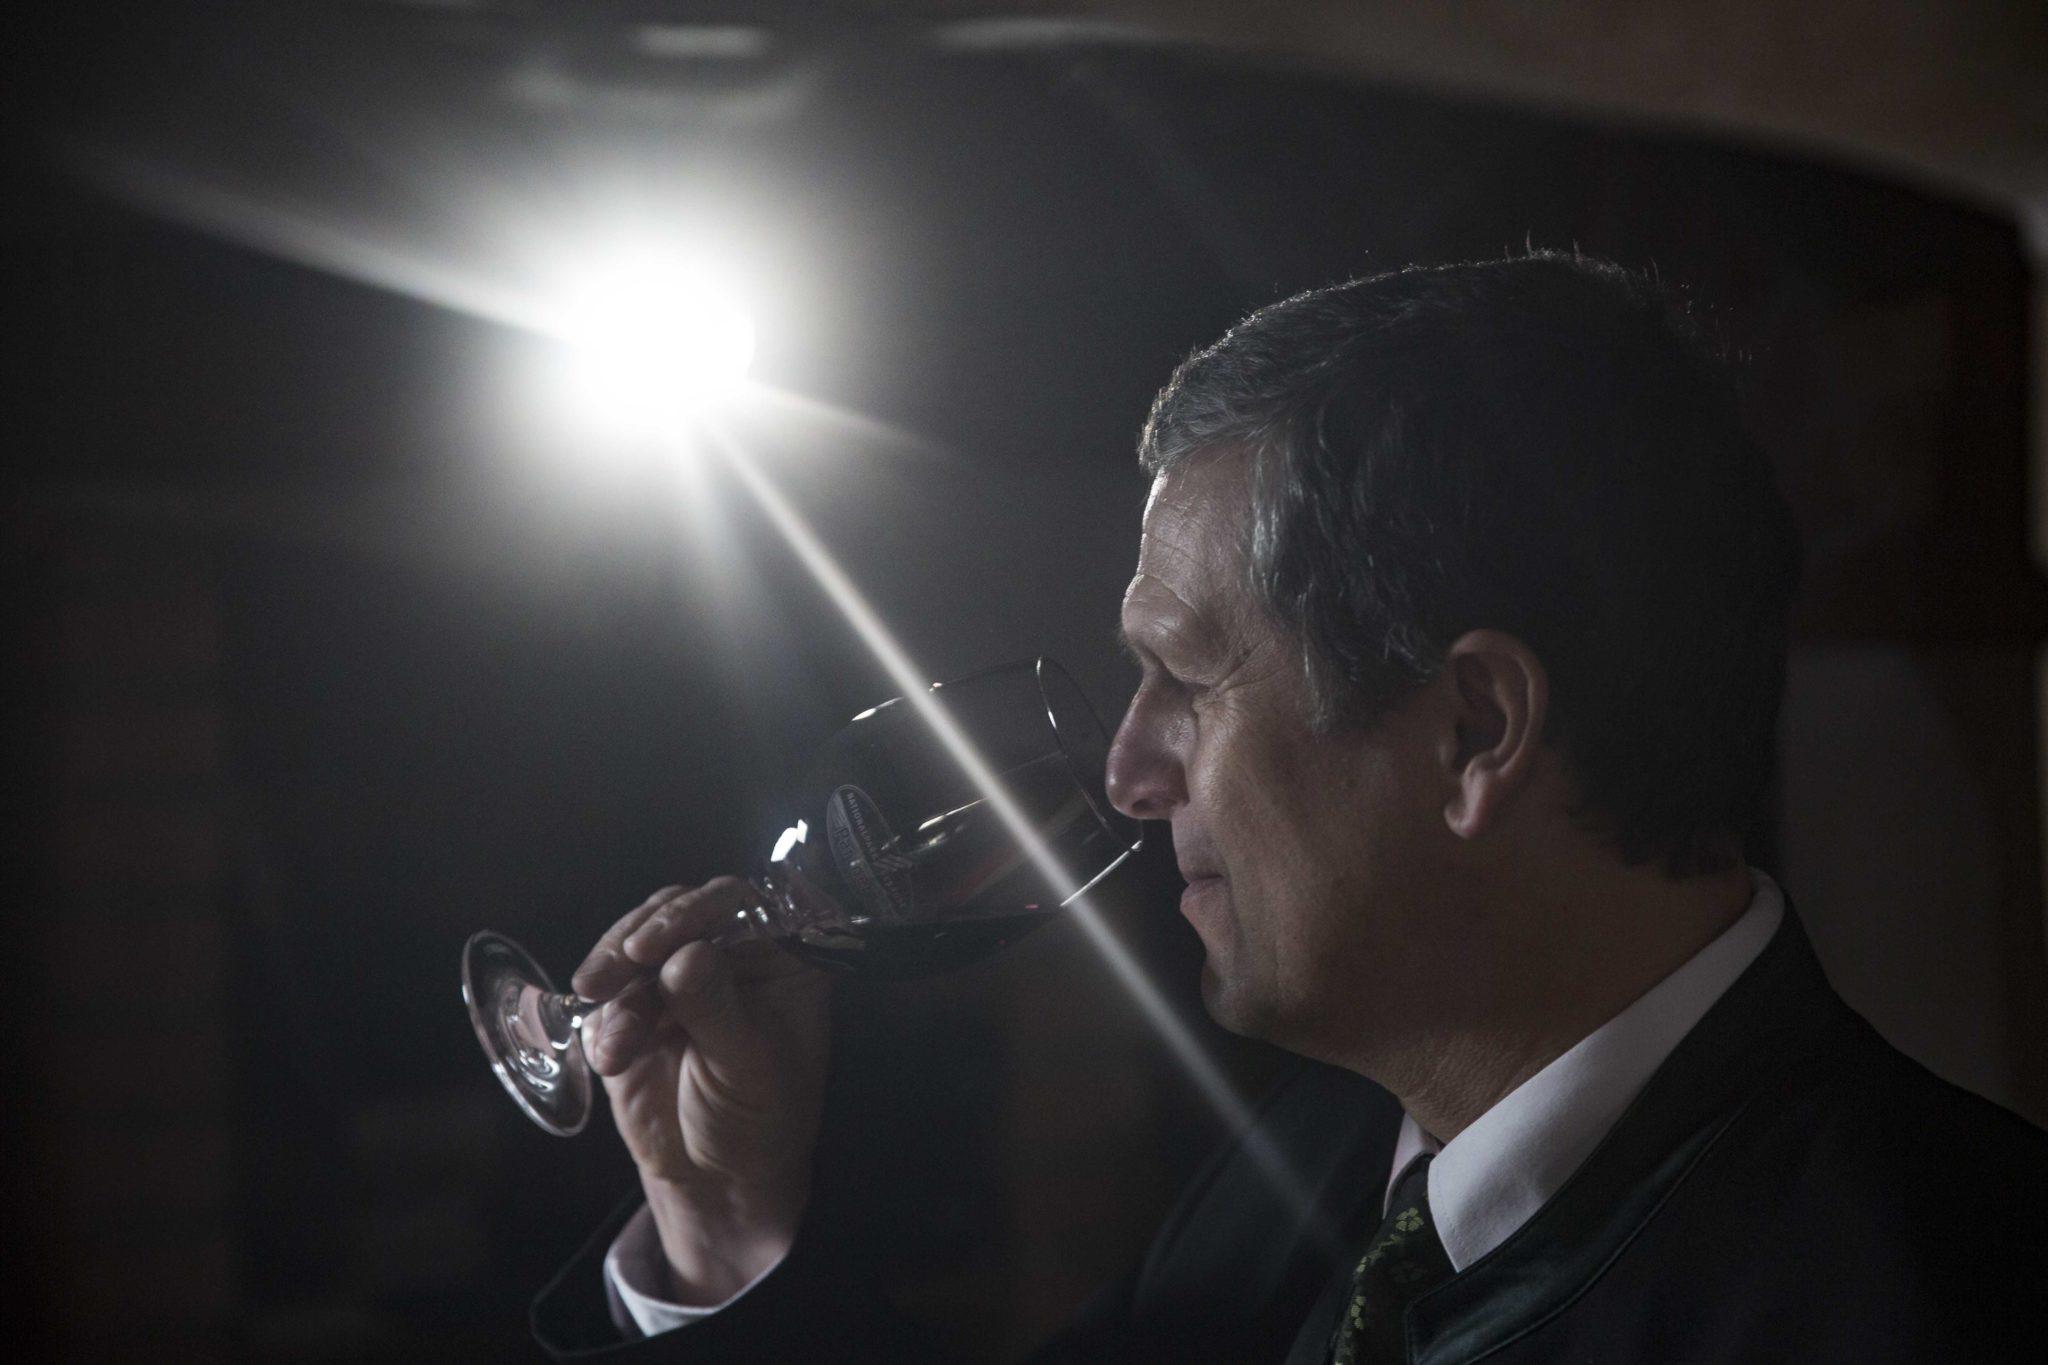 Klemens Pirafelner beim Verkosten eines Weines.